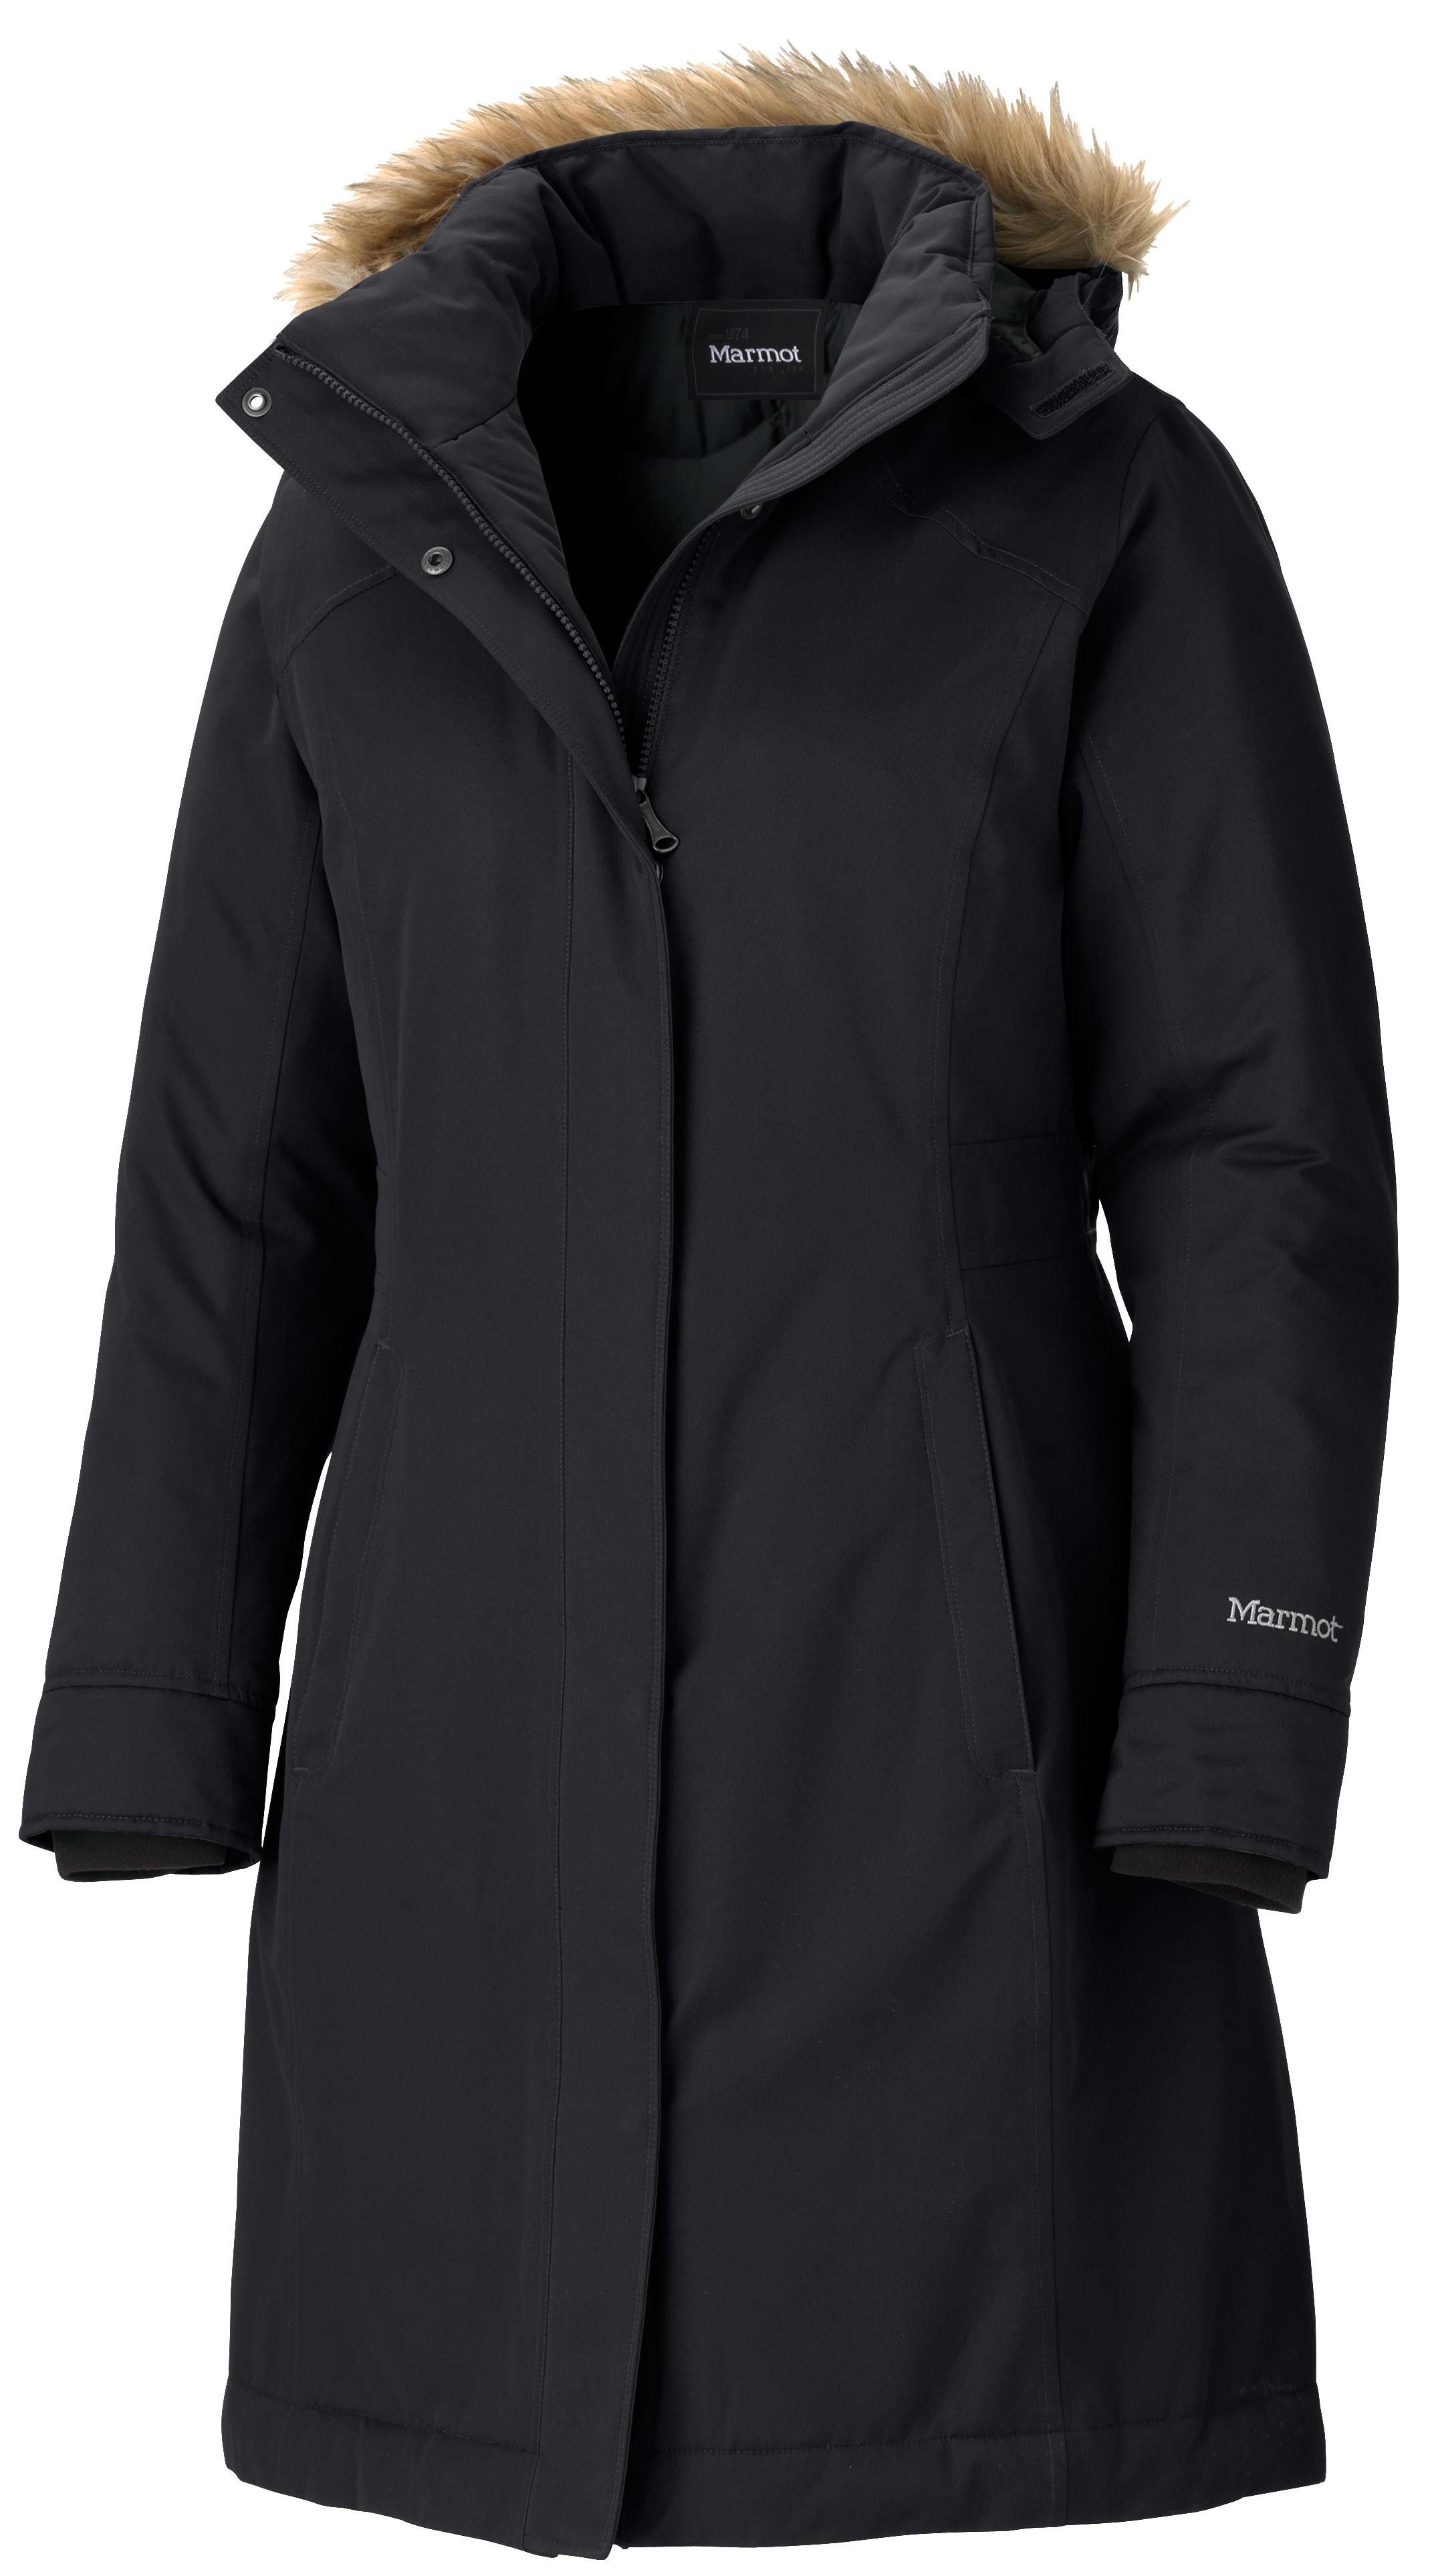 cbe958d2ed5026 Marmot Womens Chelsea Coat, Ohne Versandkosten / versandkostenfrei!